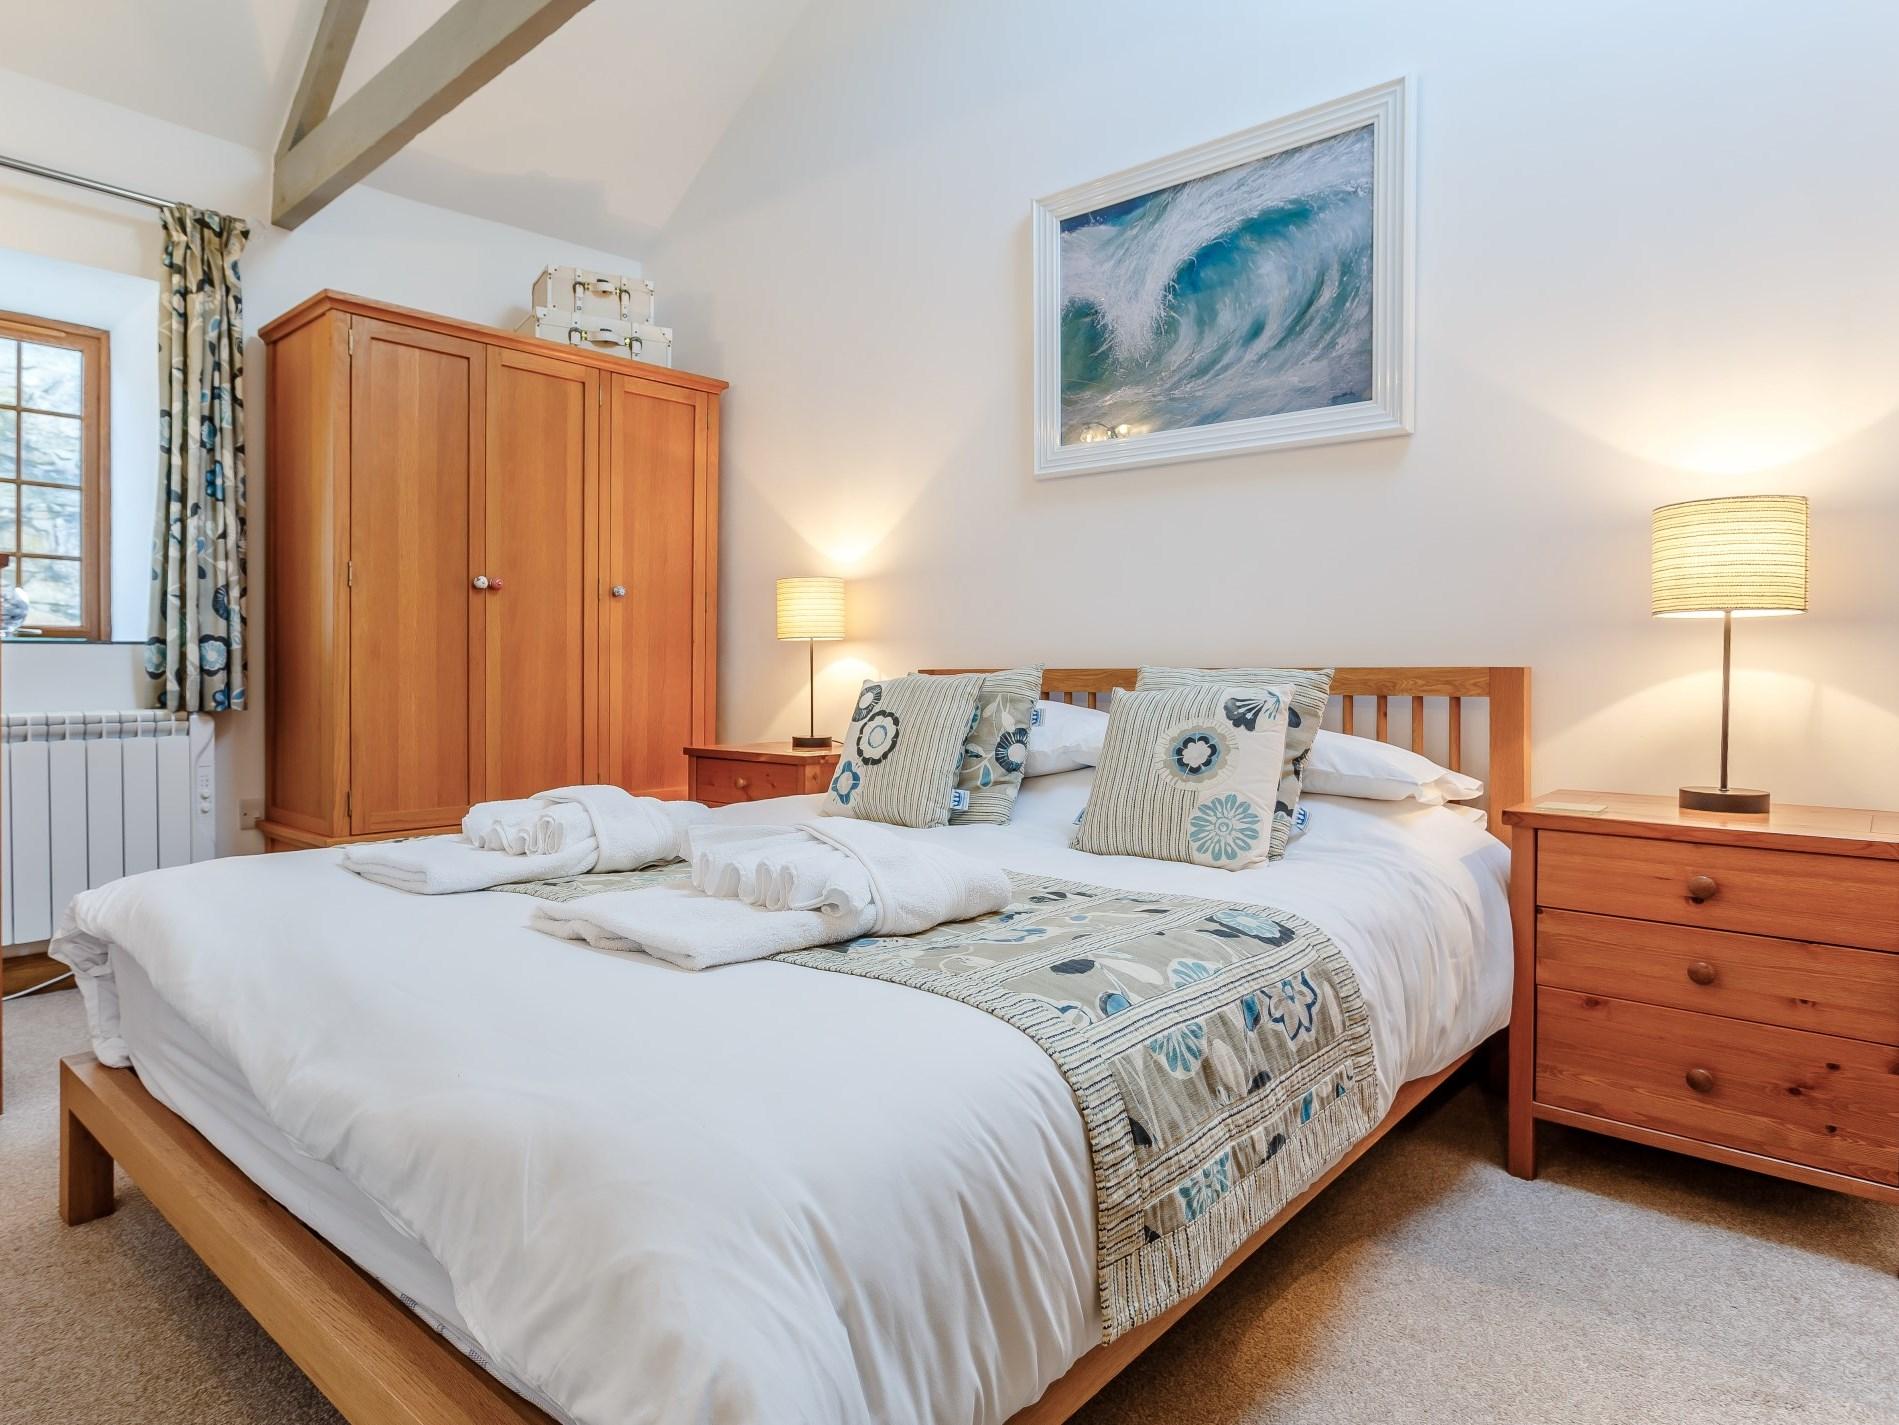 Spacious comfy master bedroom